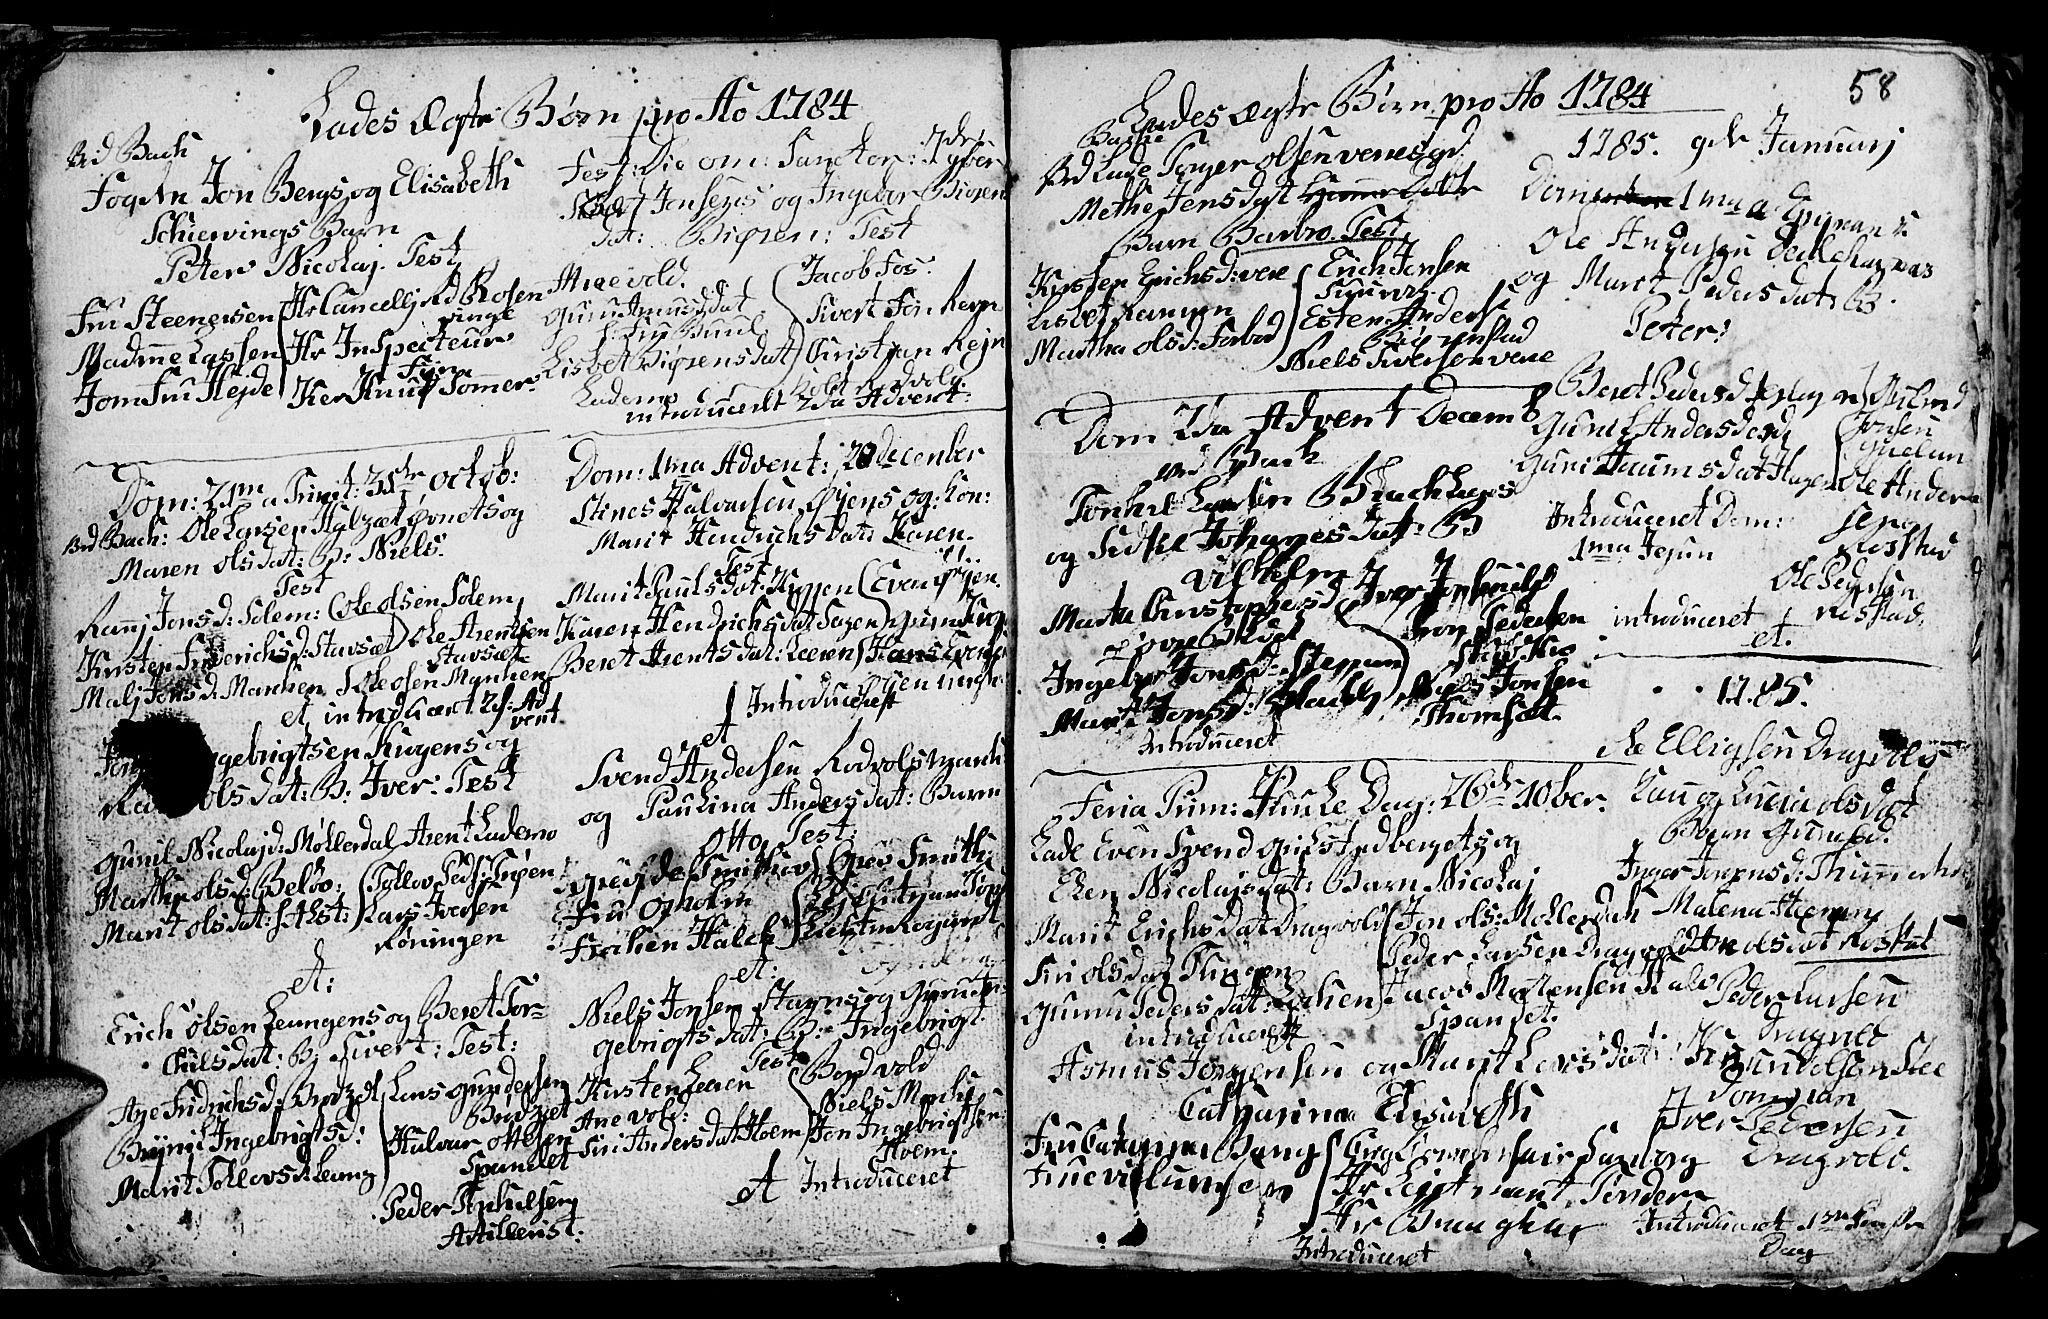 SAT, Ministerialprotokoller, klokkerbøker og fødselsregistre - Sør-Trøndelag, 606/L0305: Klokkerbok nr. 606C01, 1757-1819, s. 58